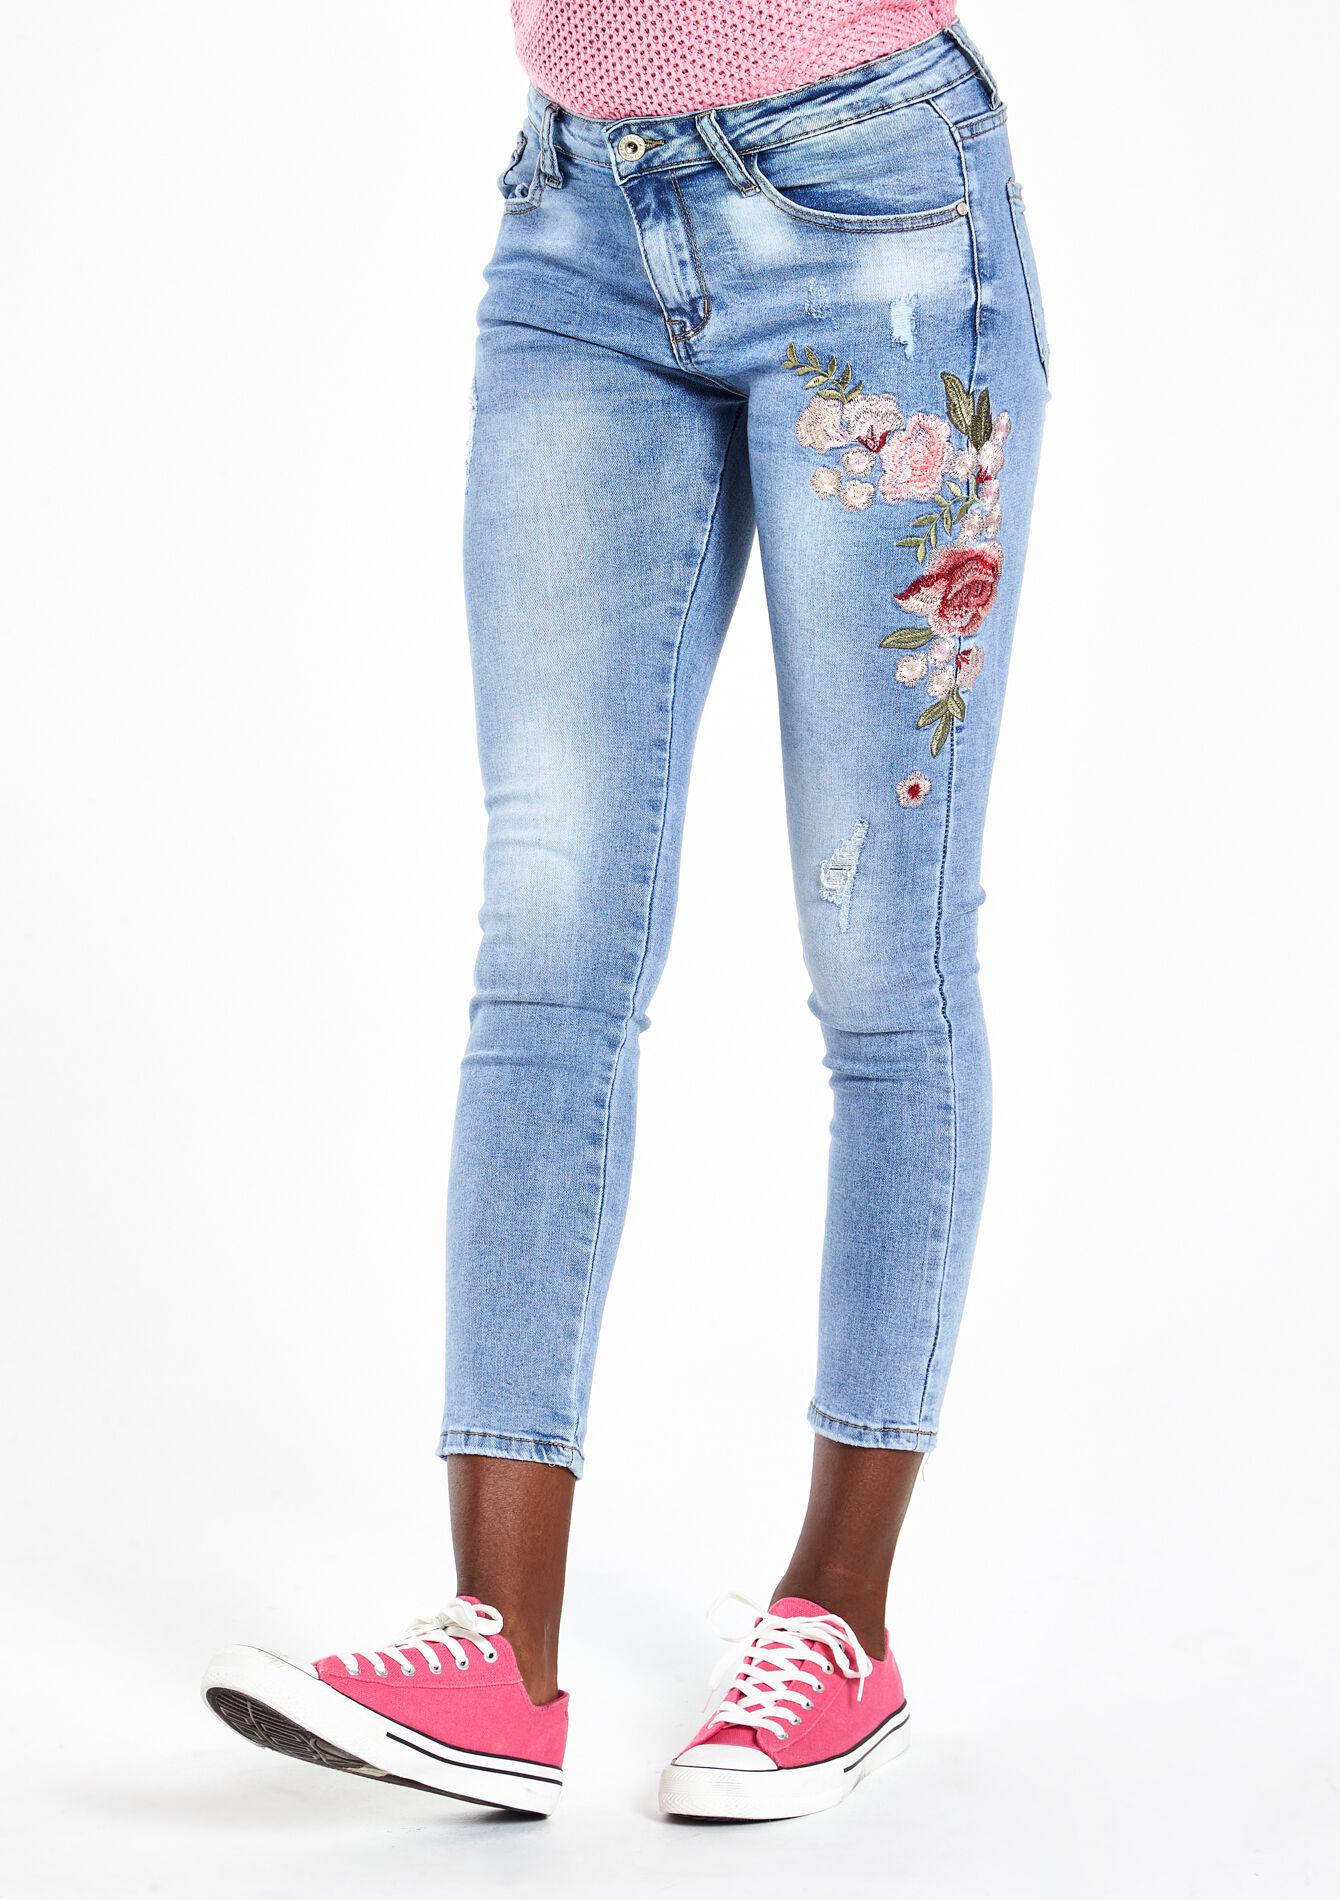 Jeans Vêtements Fille Jean Slim avec Fleur Brodée